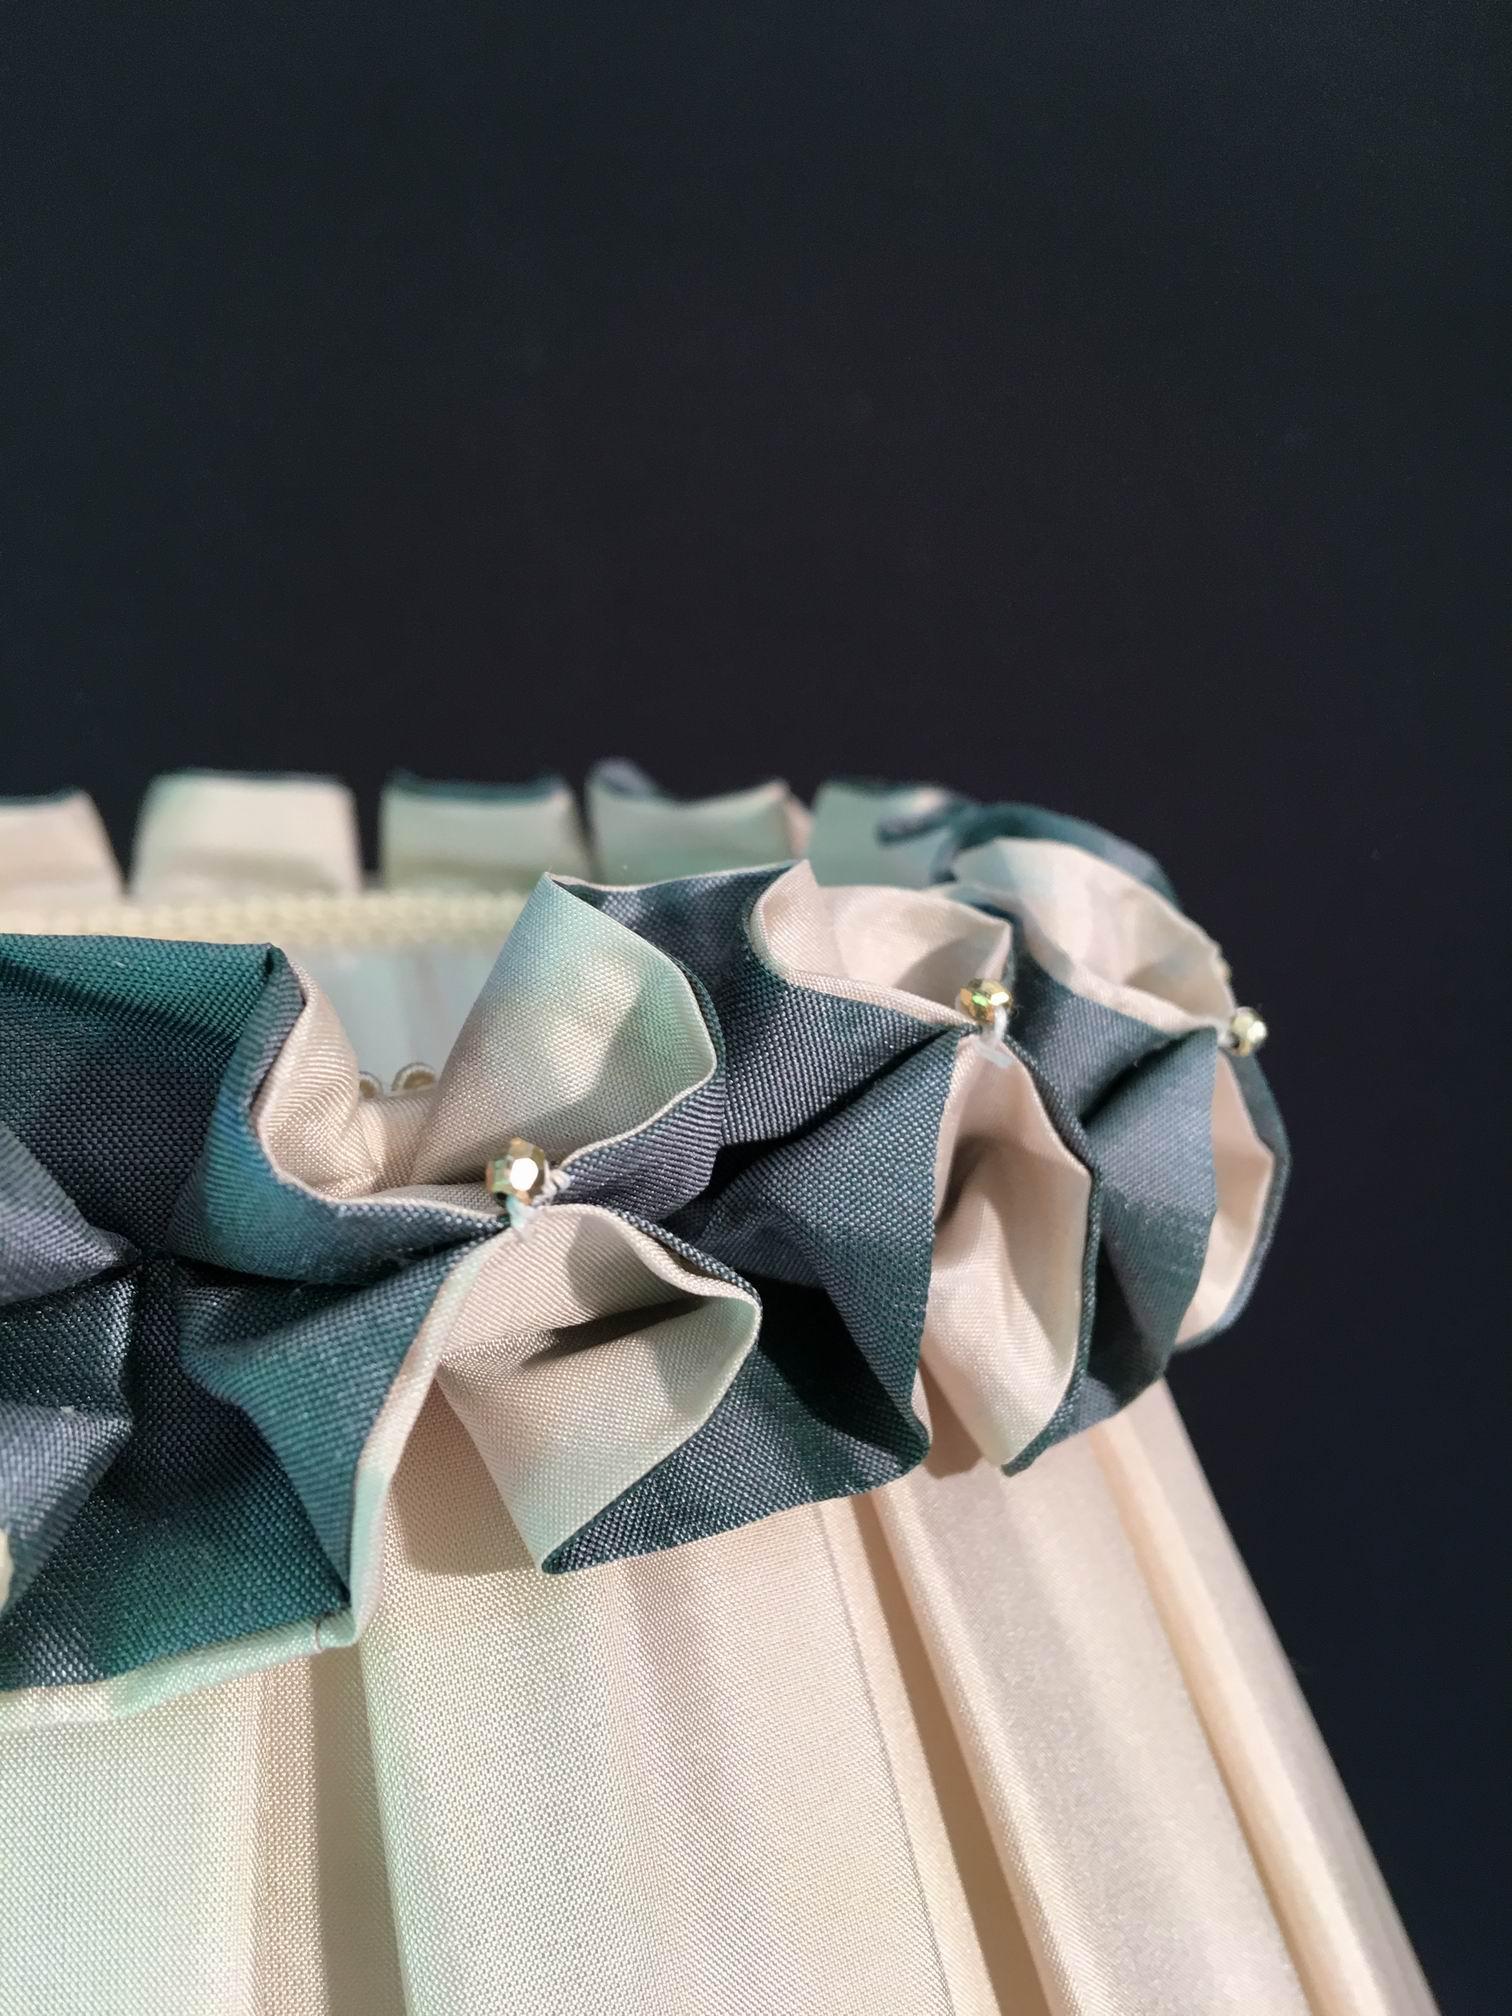 Abat-jour droit à plis creux